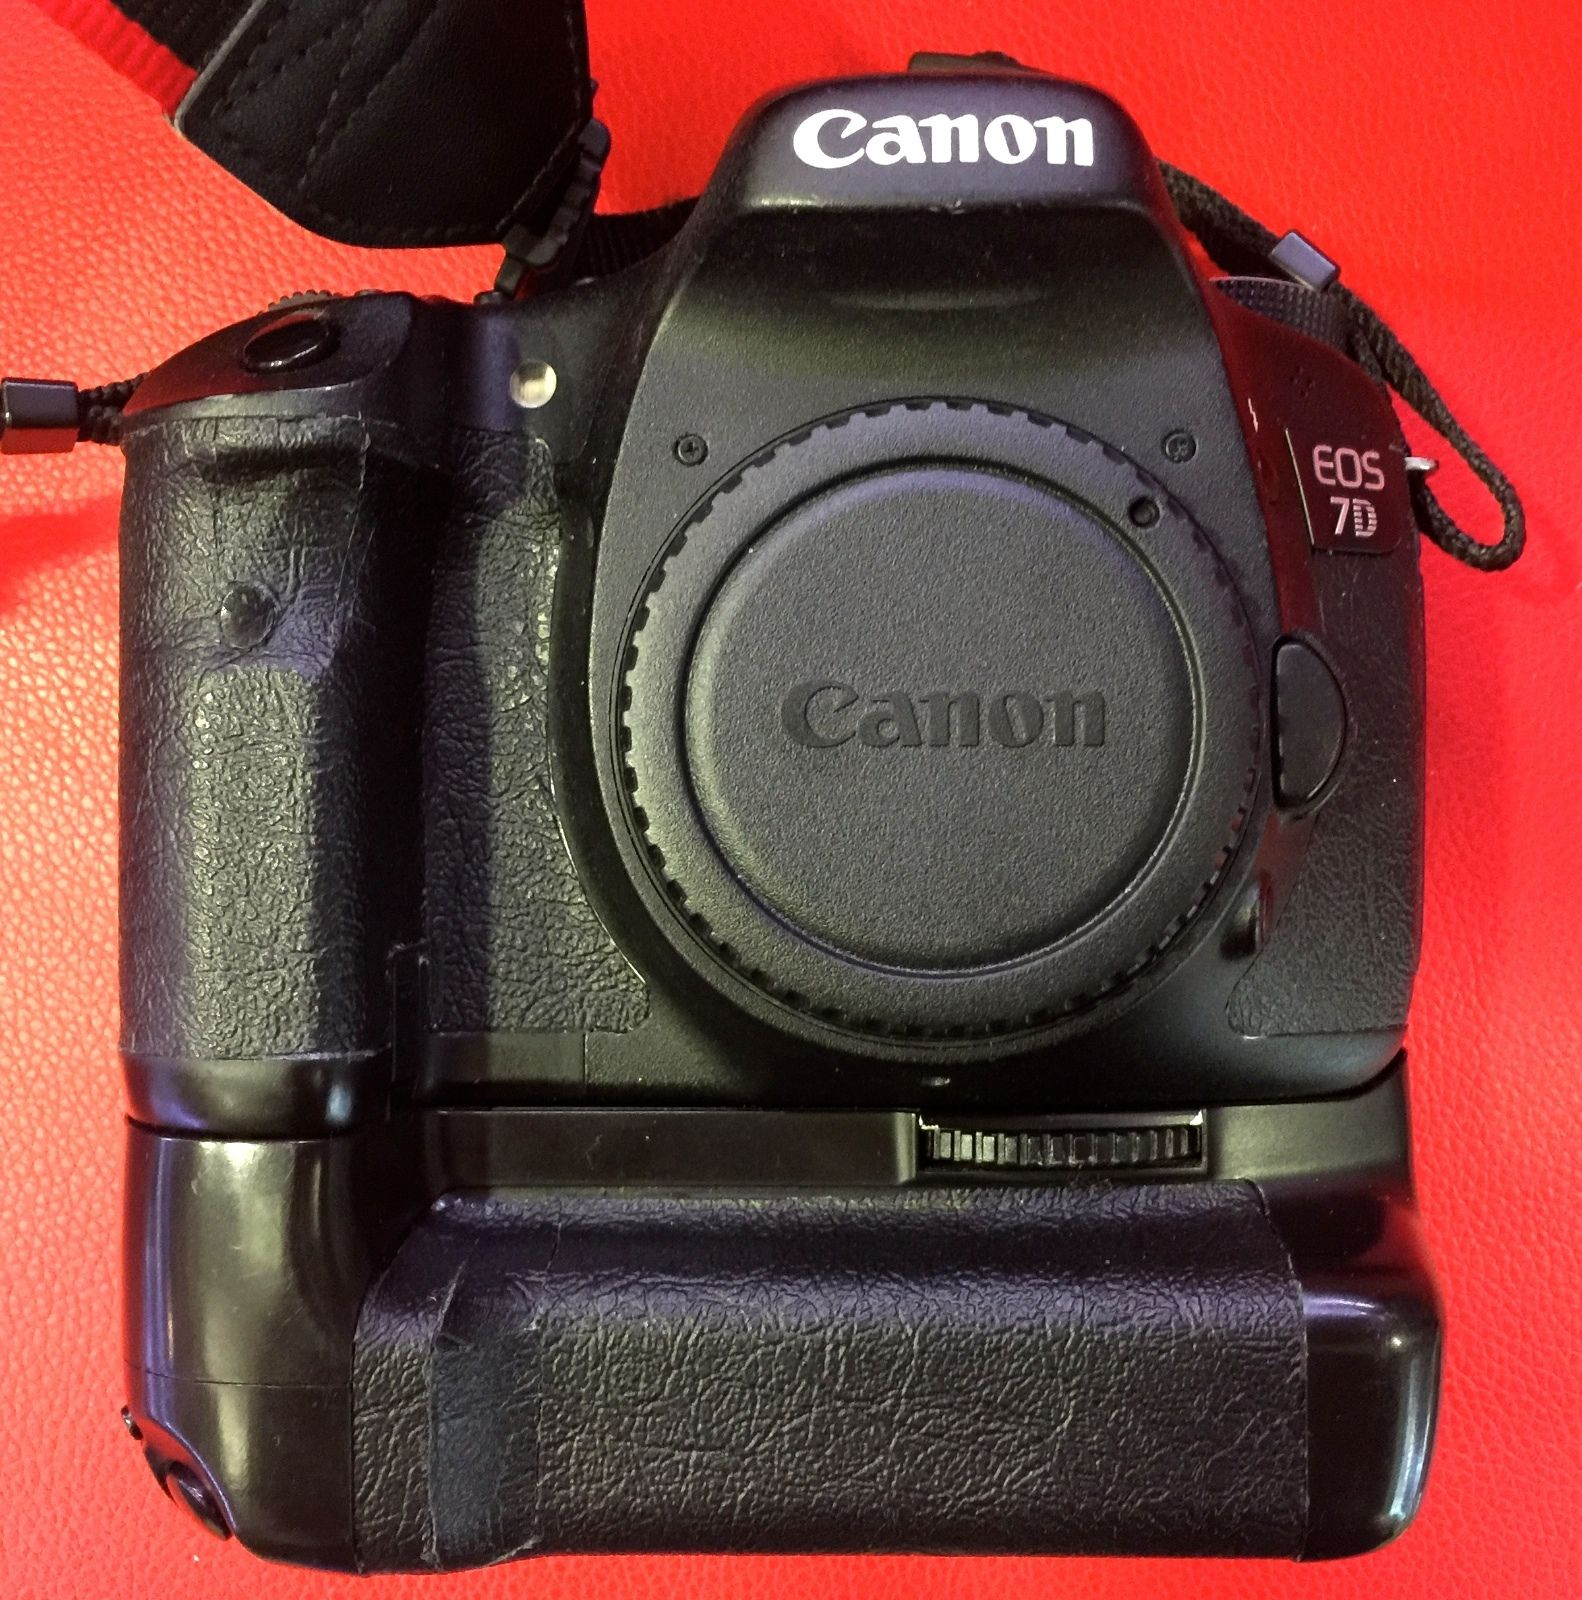 Canon EOS 7D 18.0 MP SLR-Digitalkamera - Schwarz (Nur Gehäuse) Guter Zustand!